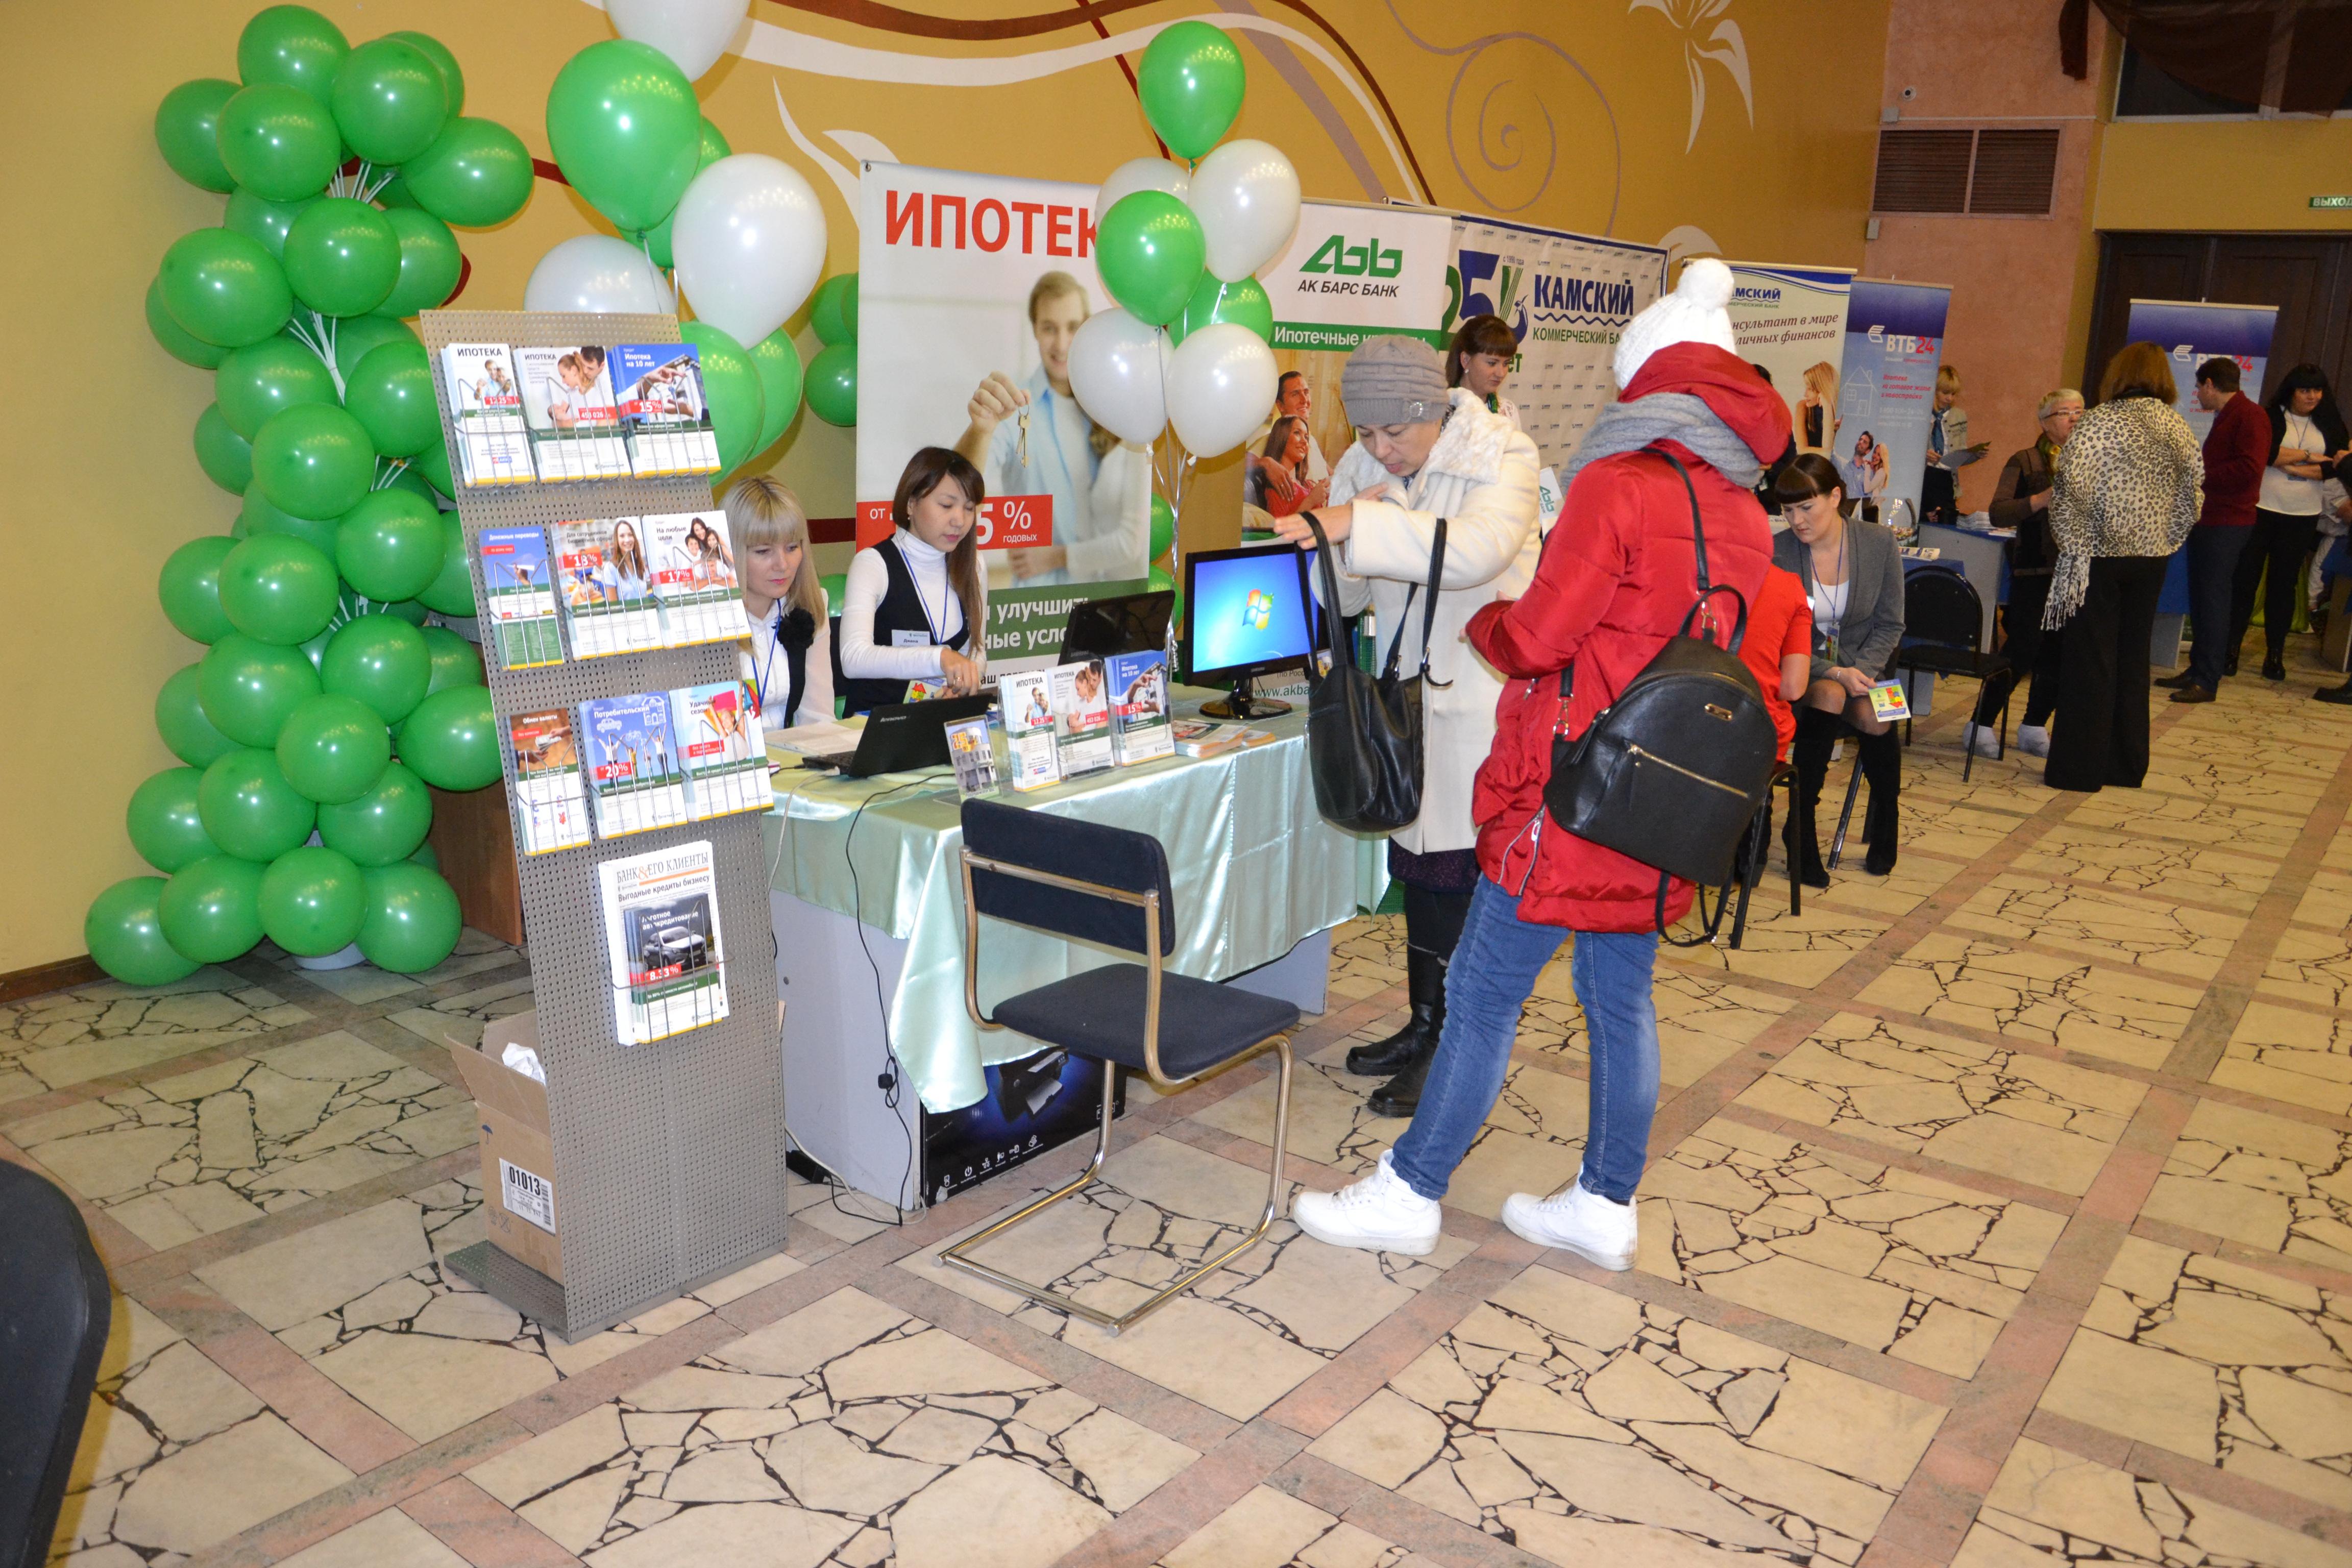 Автоградбанк принял участие в традиционной общегородской ярмарке «День ипотеки» в Набережных Челнах - «Автоградбанк»